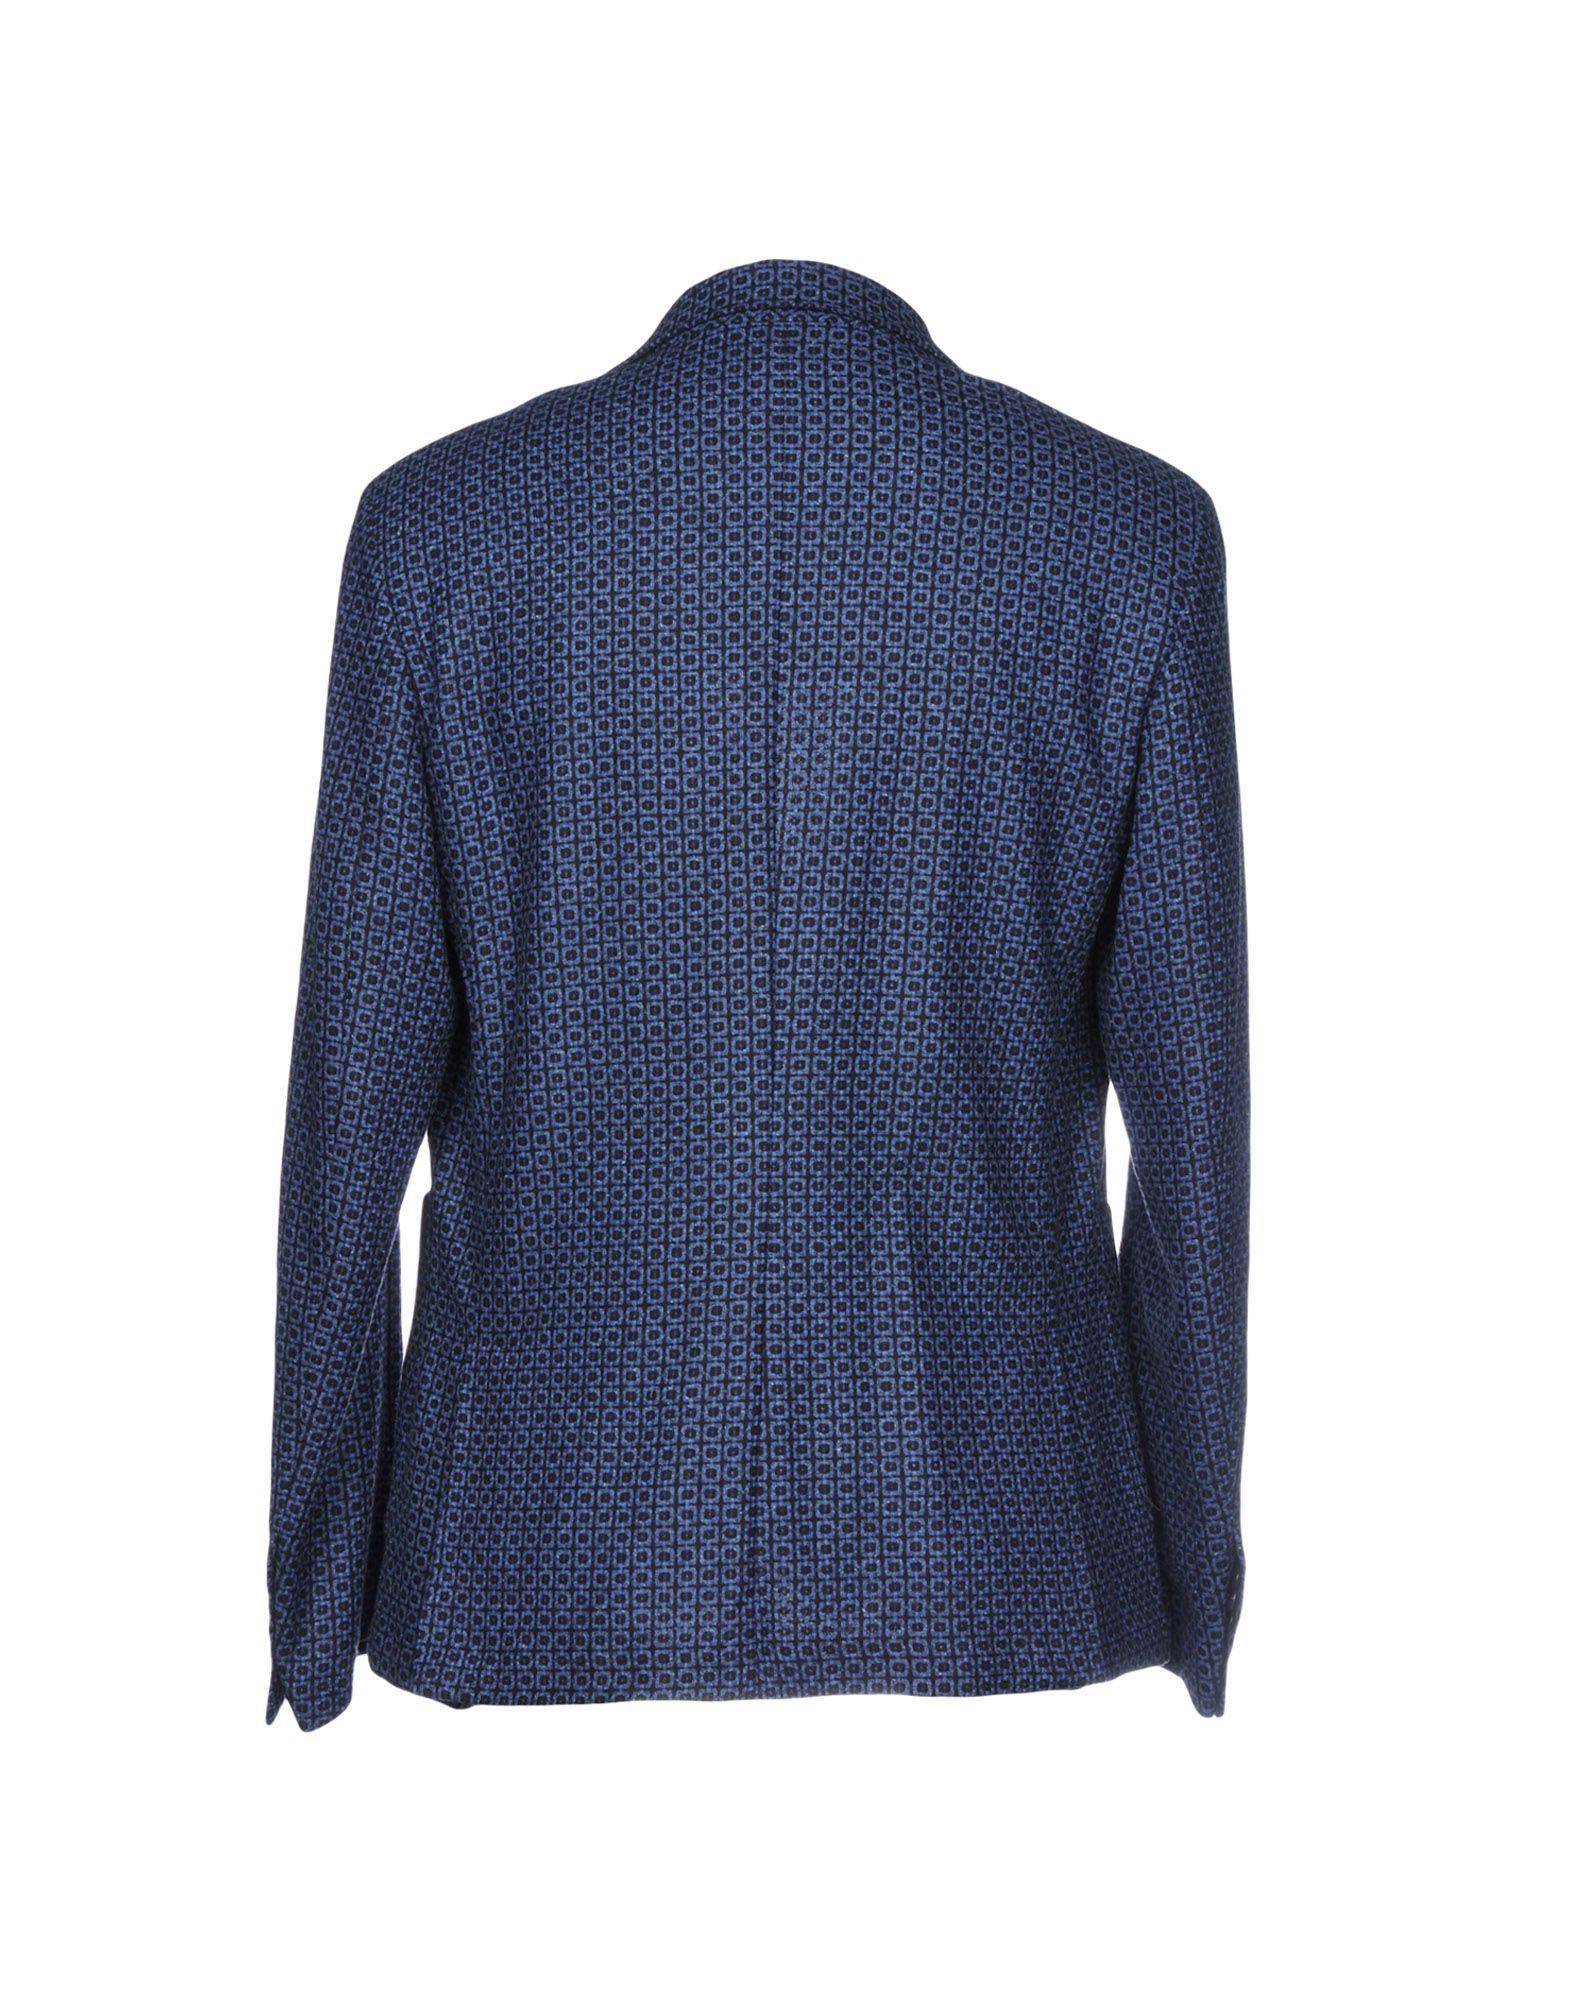 Harry & Sons Blue Virgin Wool Single Breasted Blazer